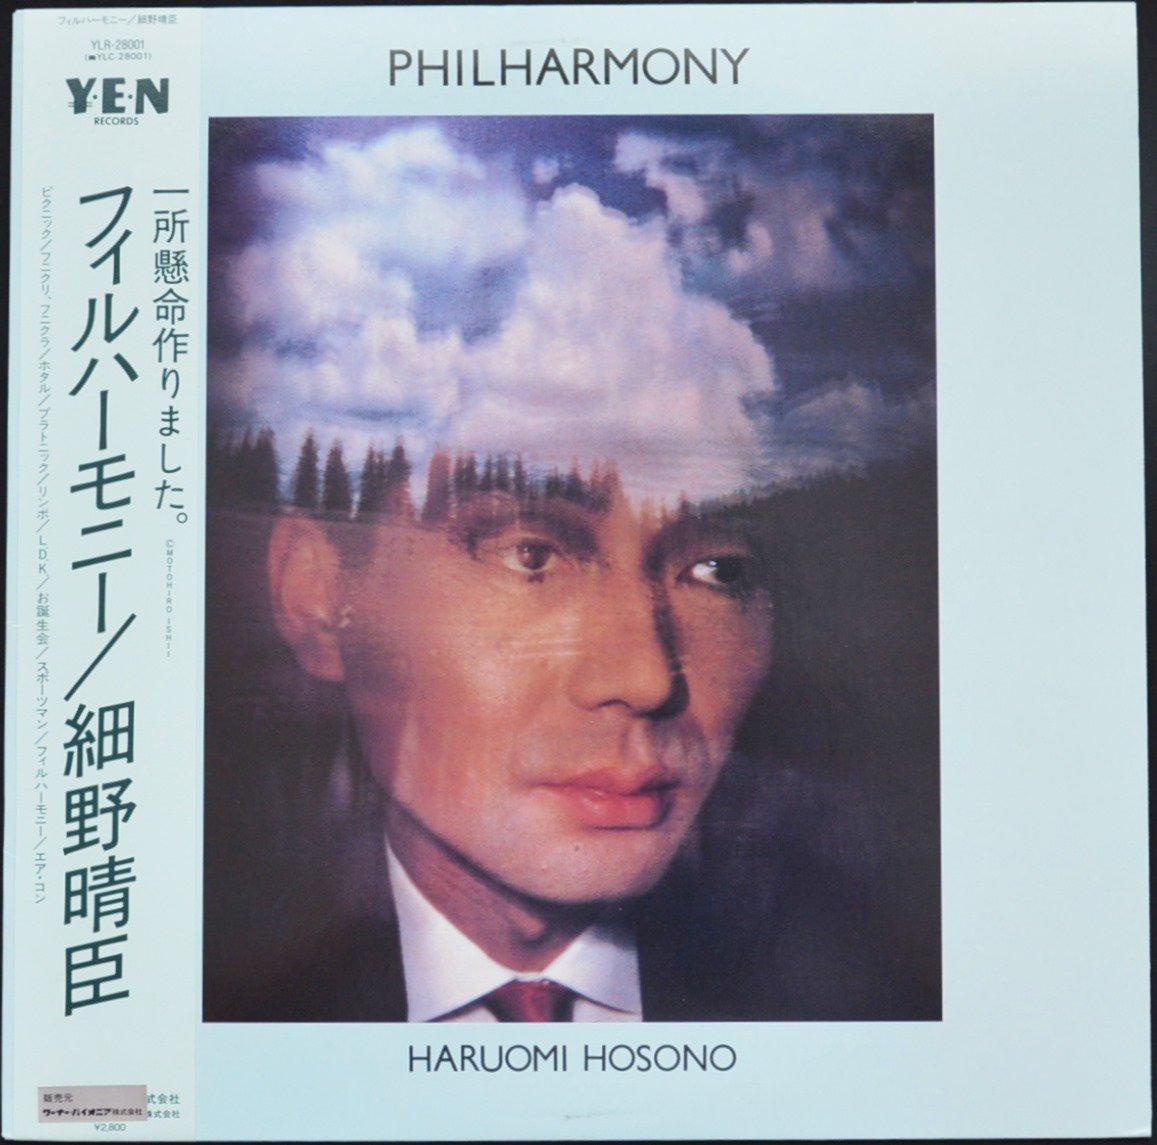 細野晴臣 HARUOMI HOSONO / フィル・ハーモニー PHILHARMONY (LP)